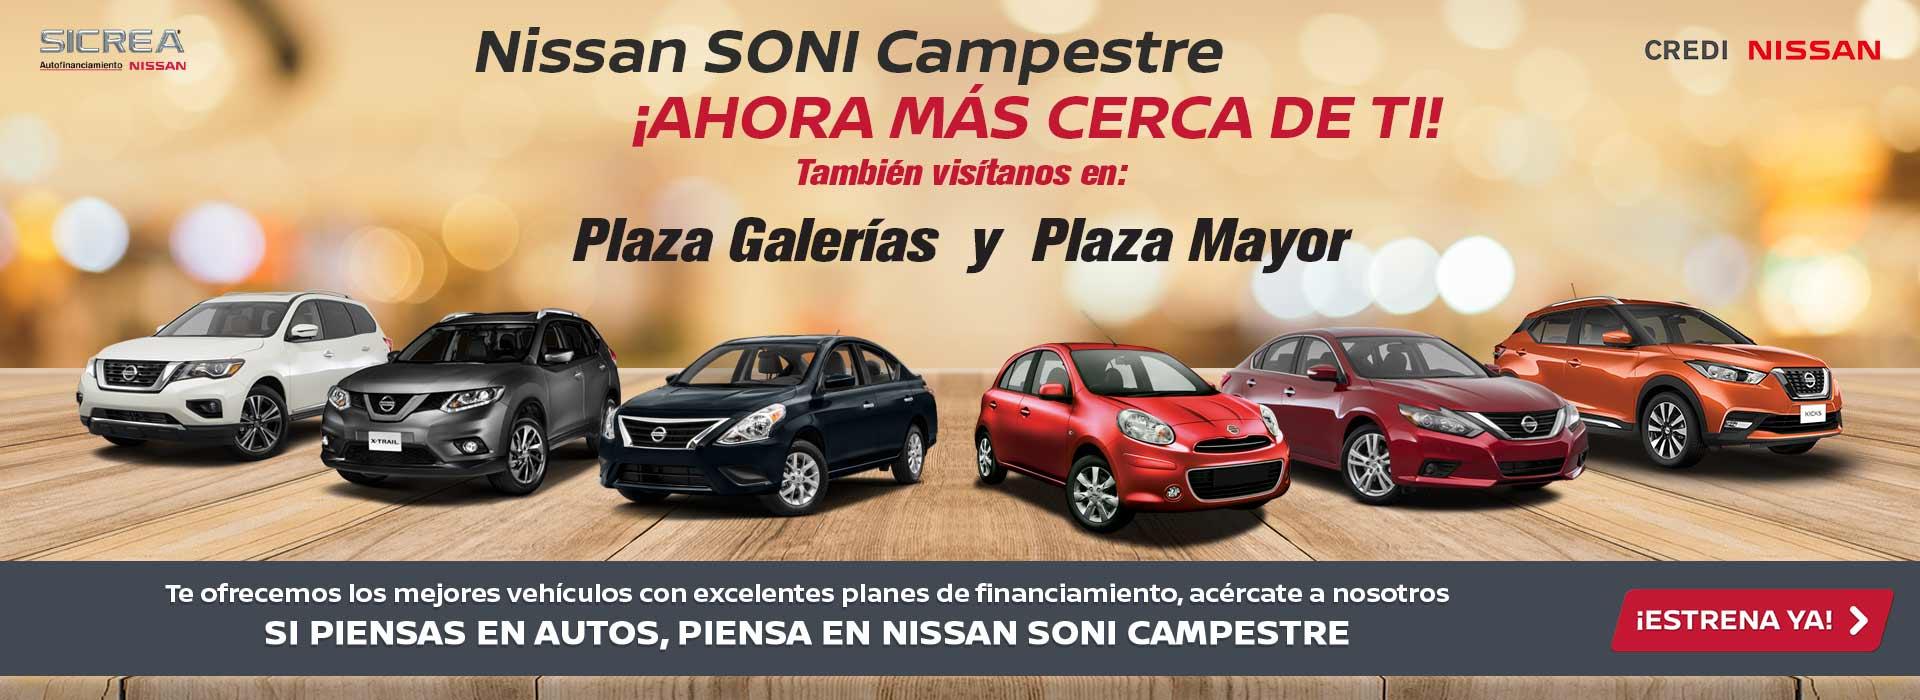 Nissan SONI Campestre ¡AHORA MÁS CERCA DE TI!